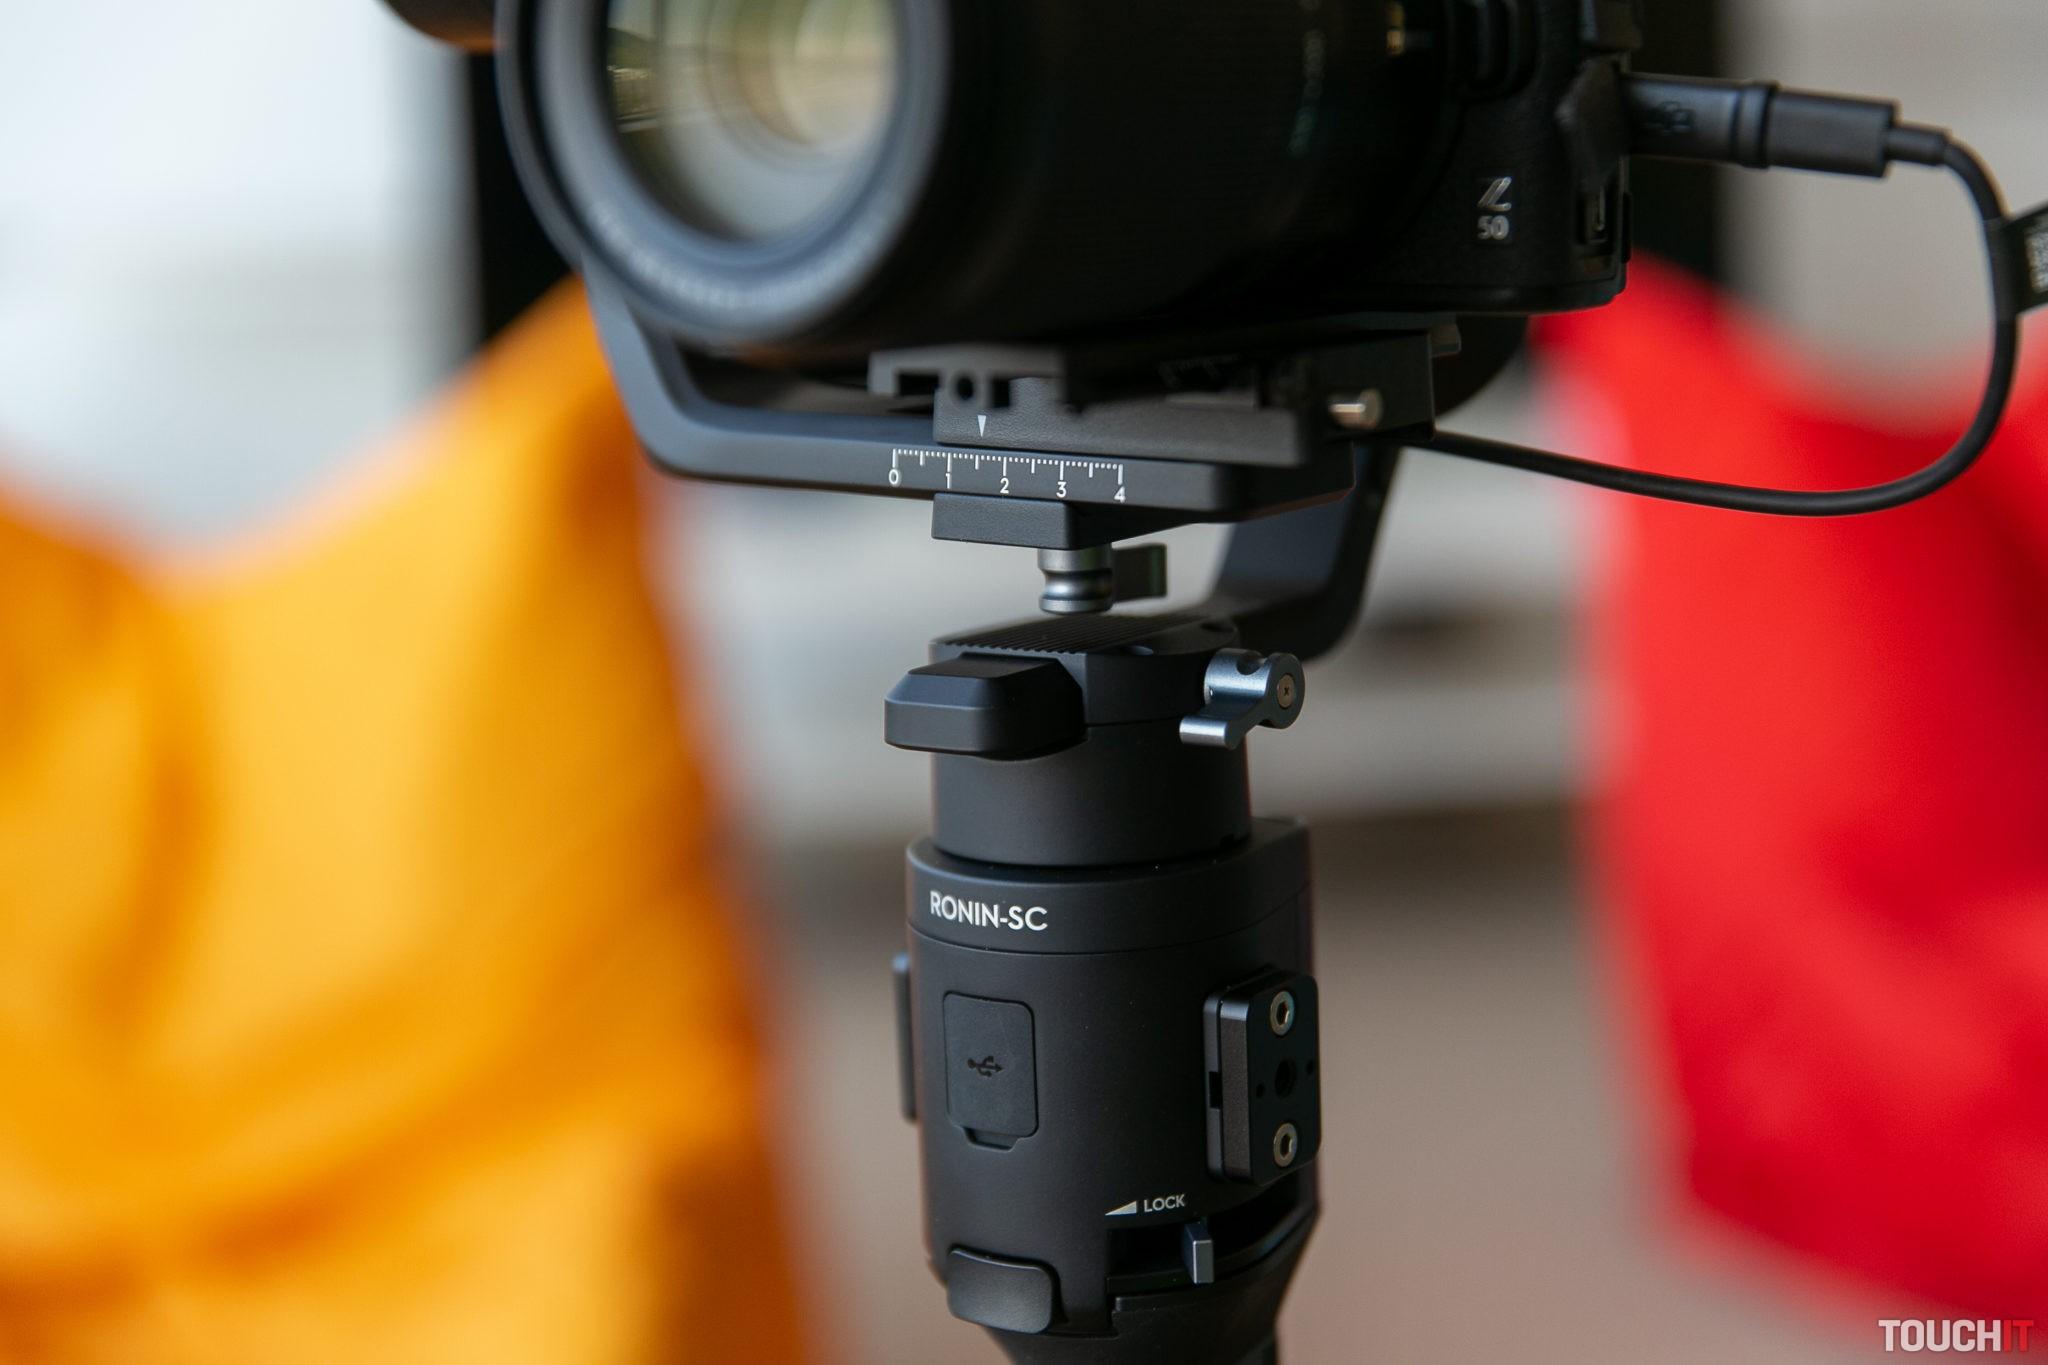 Vyvažovanie je o určené presnej polohy umiestnenia fotoaparátu